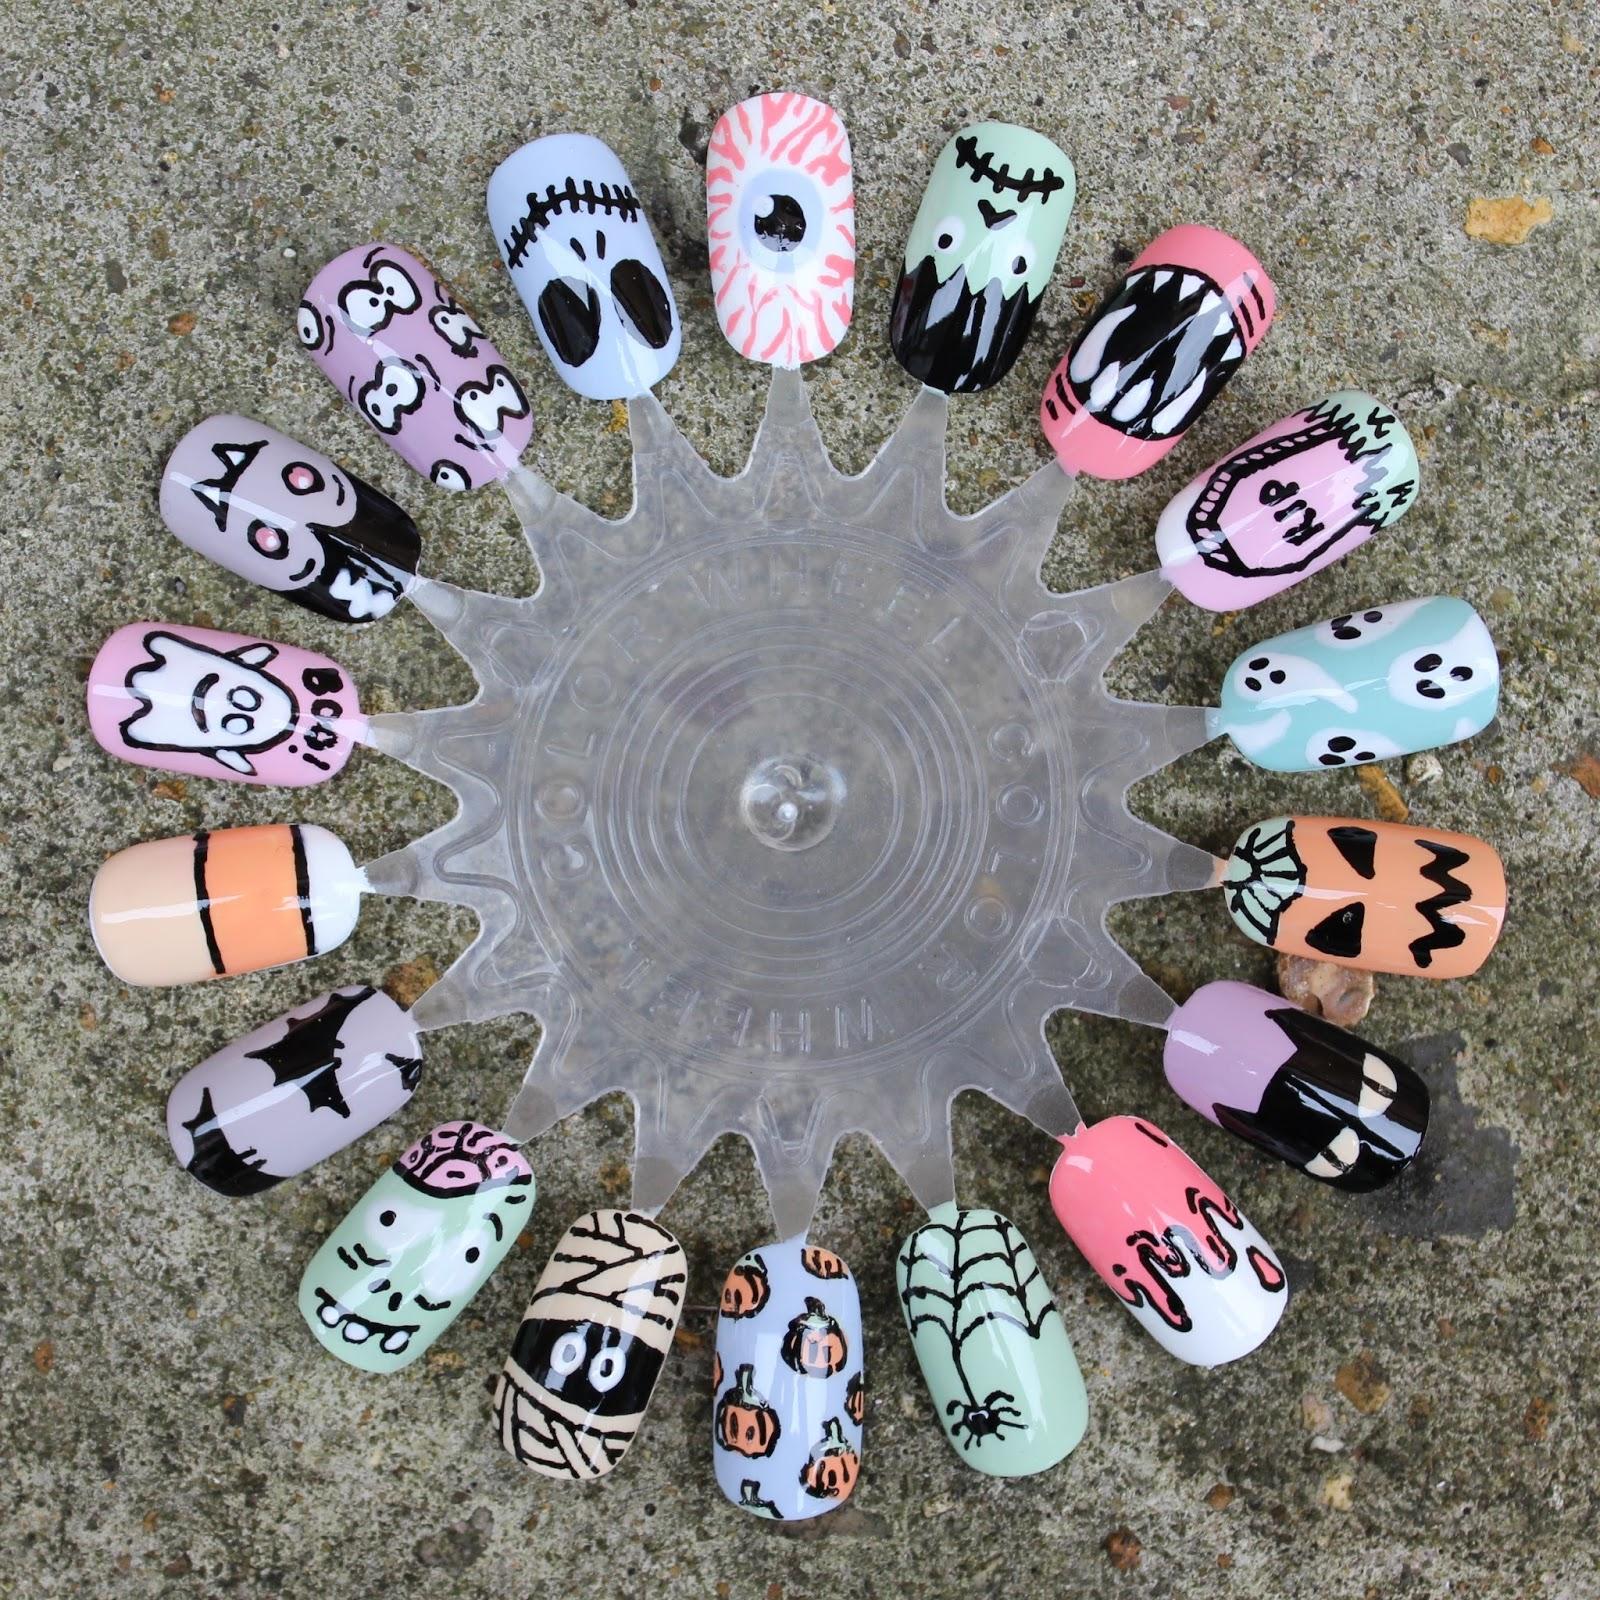 Dahlia Nails: 18 Fun Halloween Nail Art Ideas